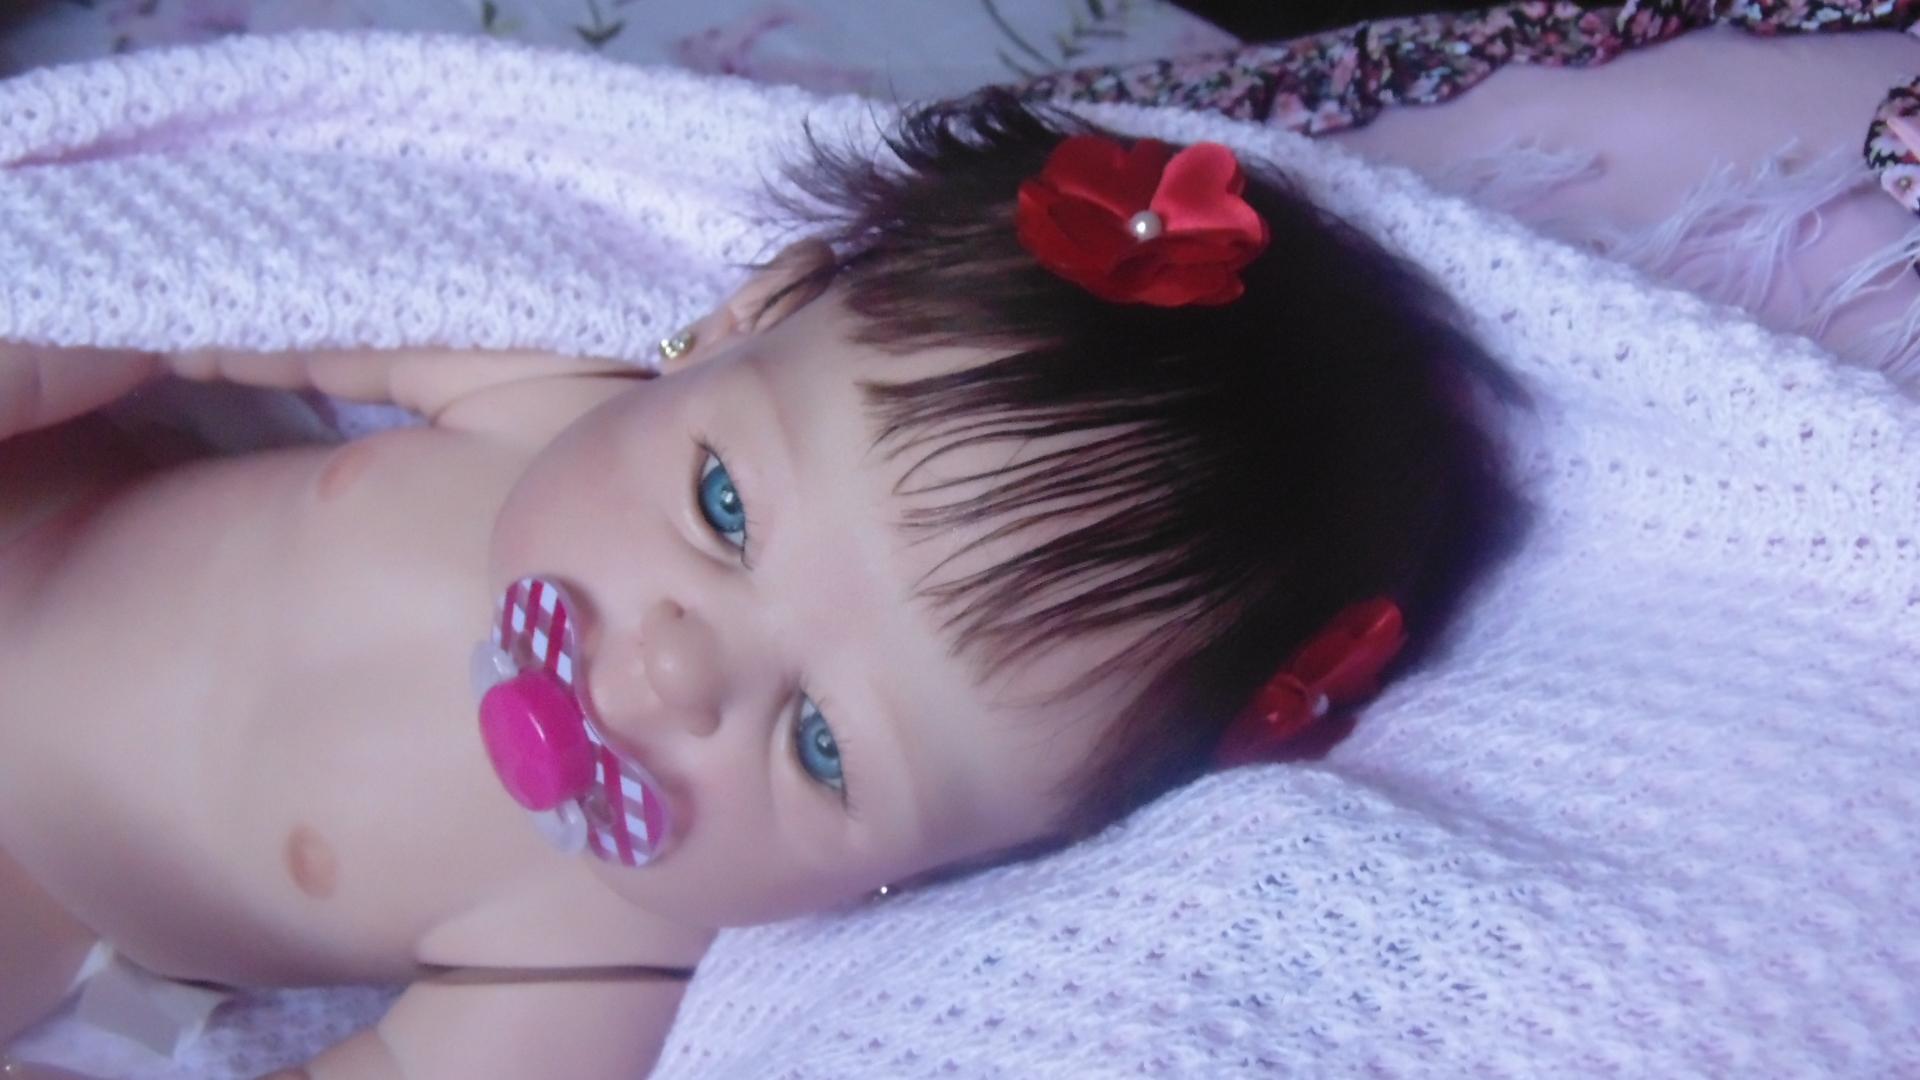 Boneca Reborn Bebà ª Reborn Fada Promoà §à £o R 450 ...